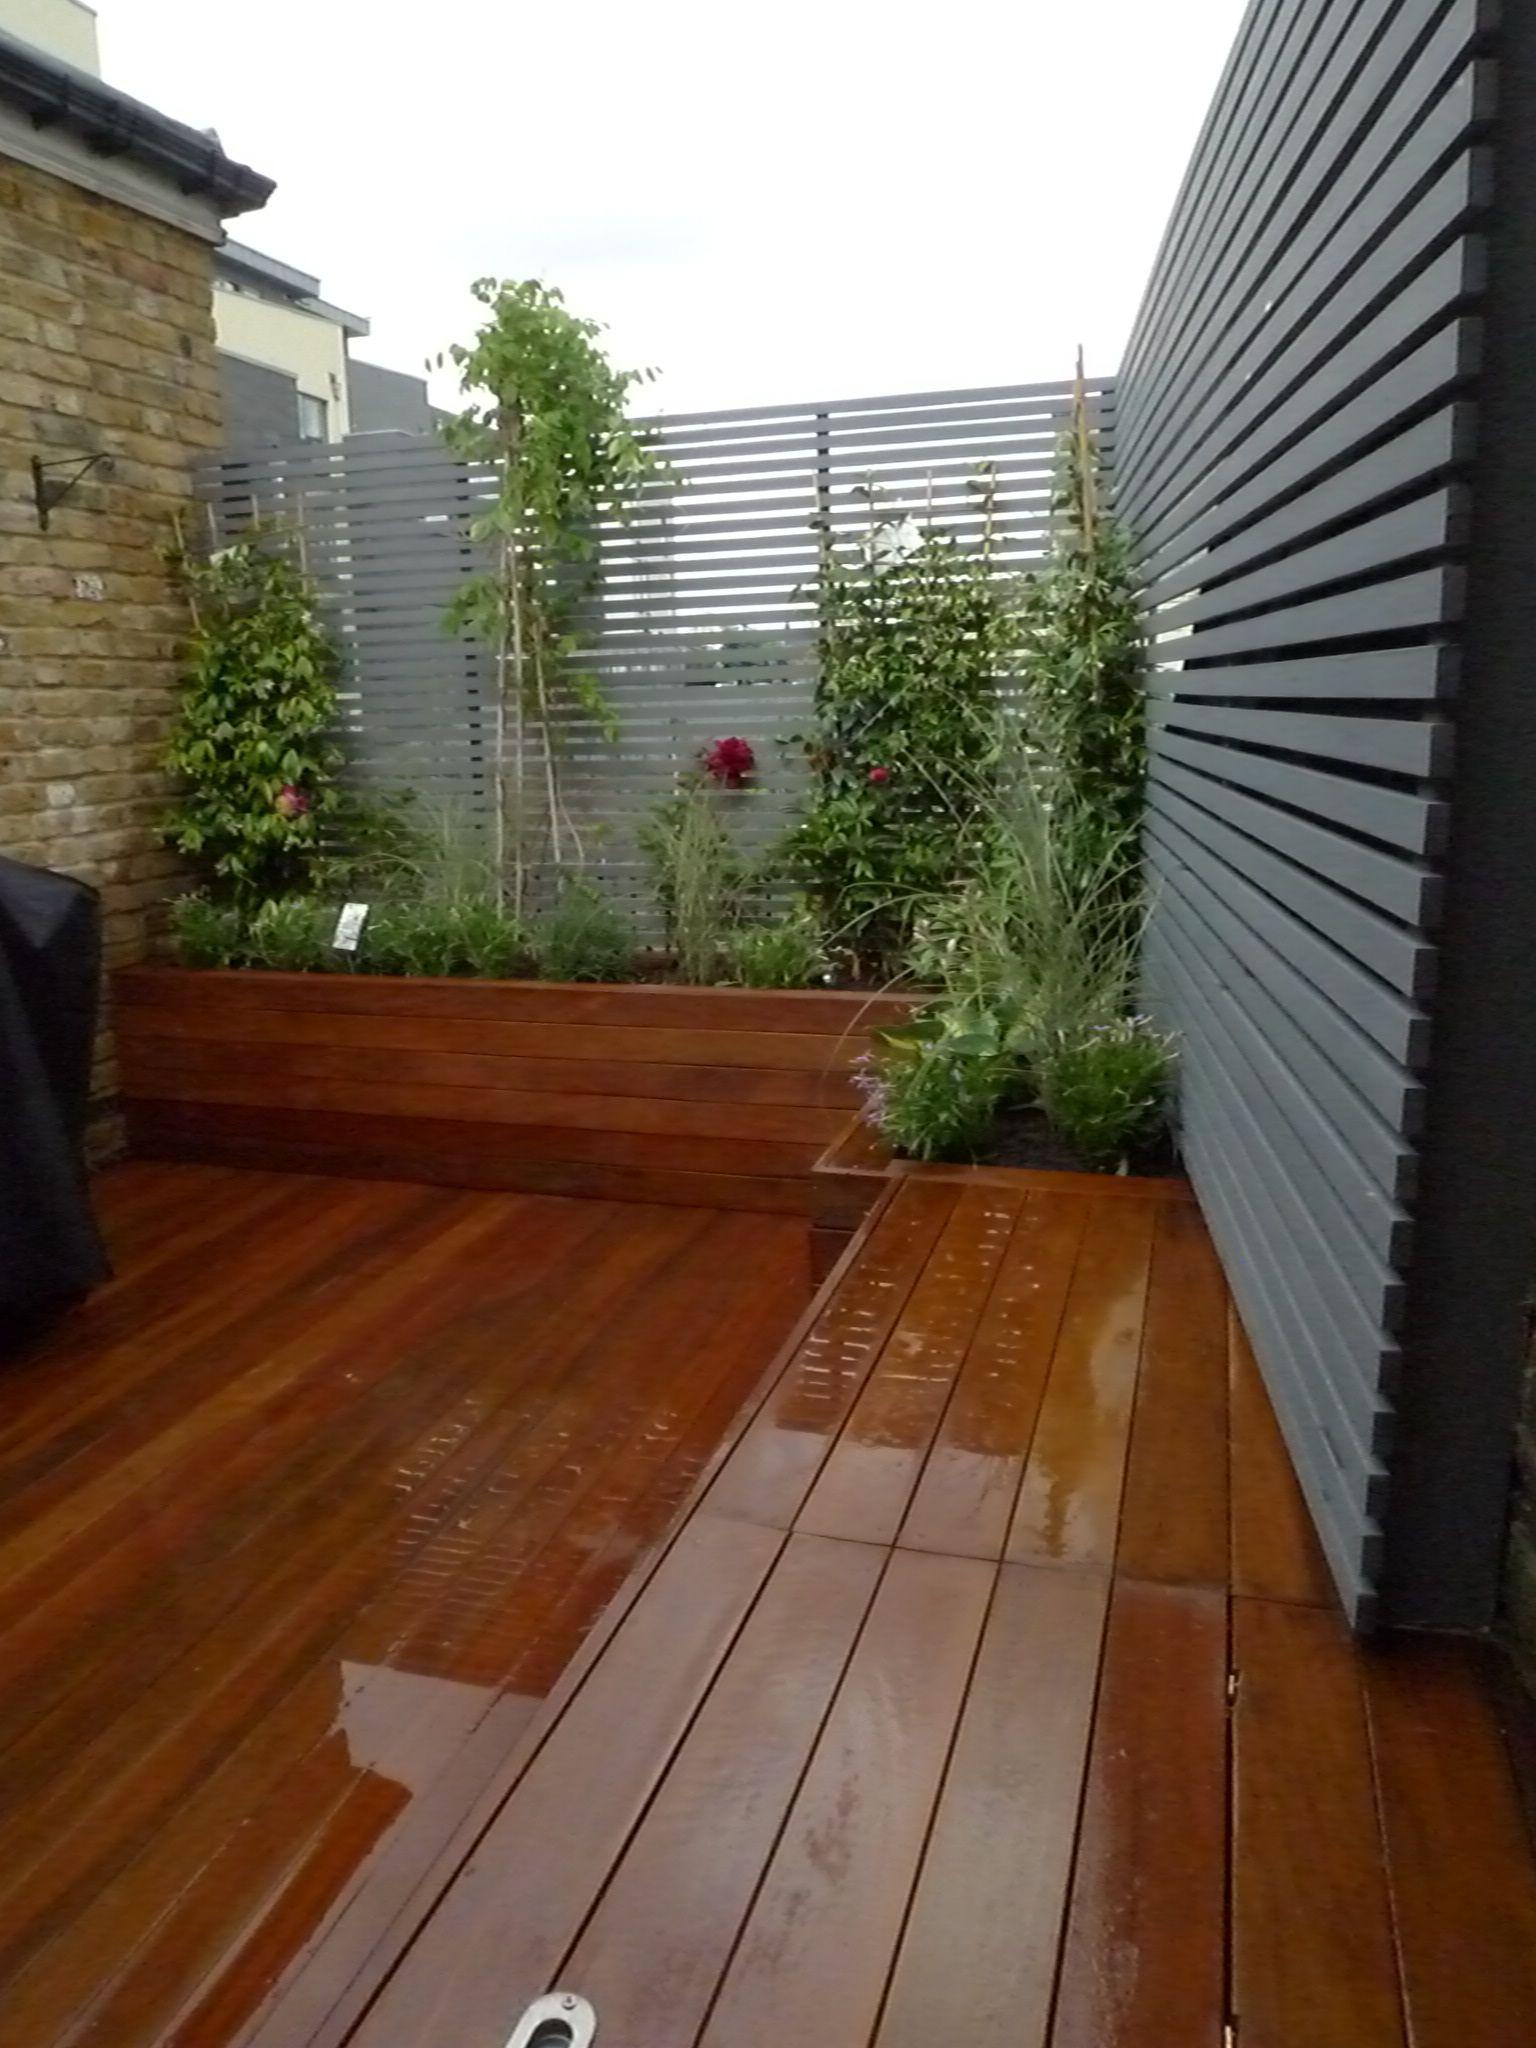 13.SIMPHOME.COM garden screening ideas for creating a garden privacy screen